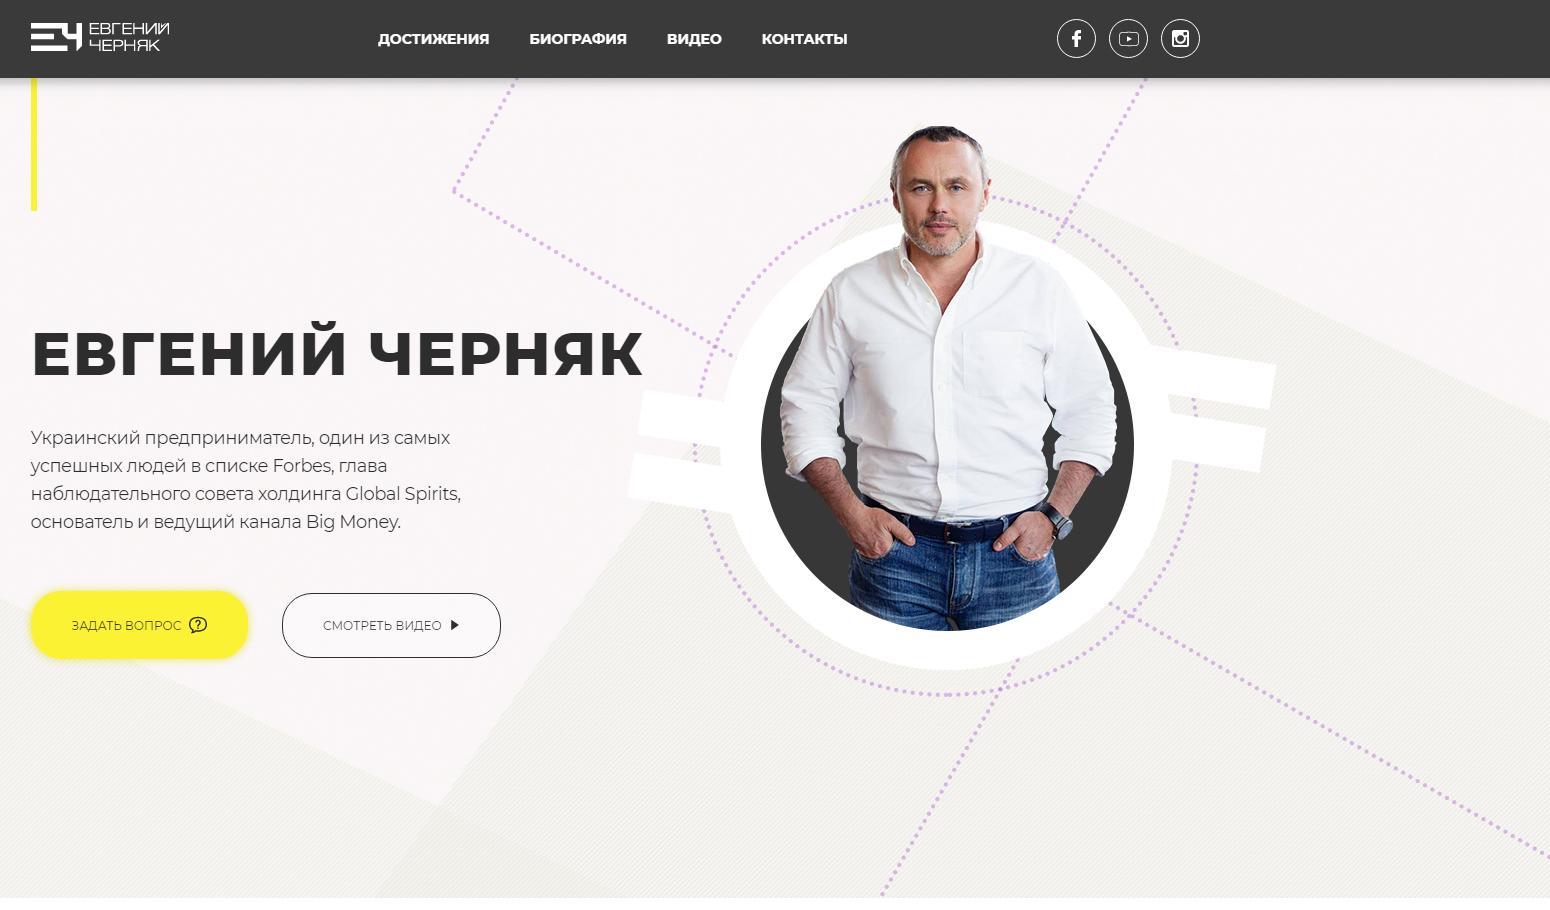 Внутренняя страница про Евгения Черняка